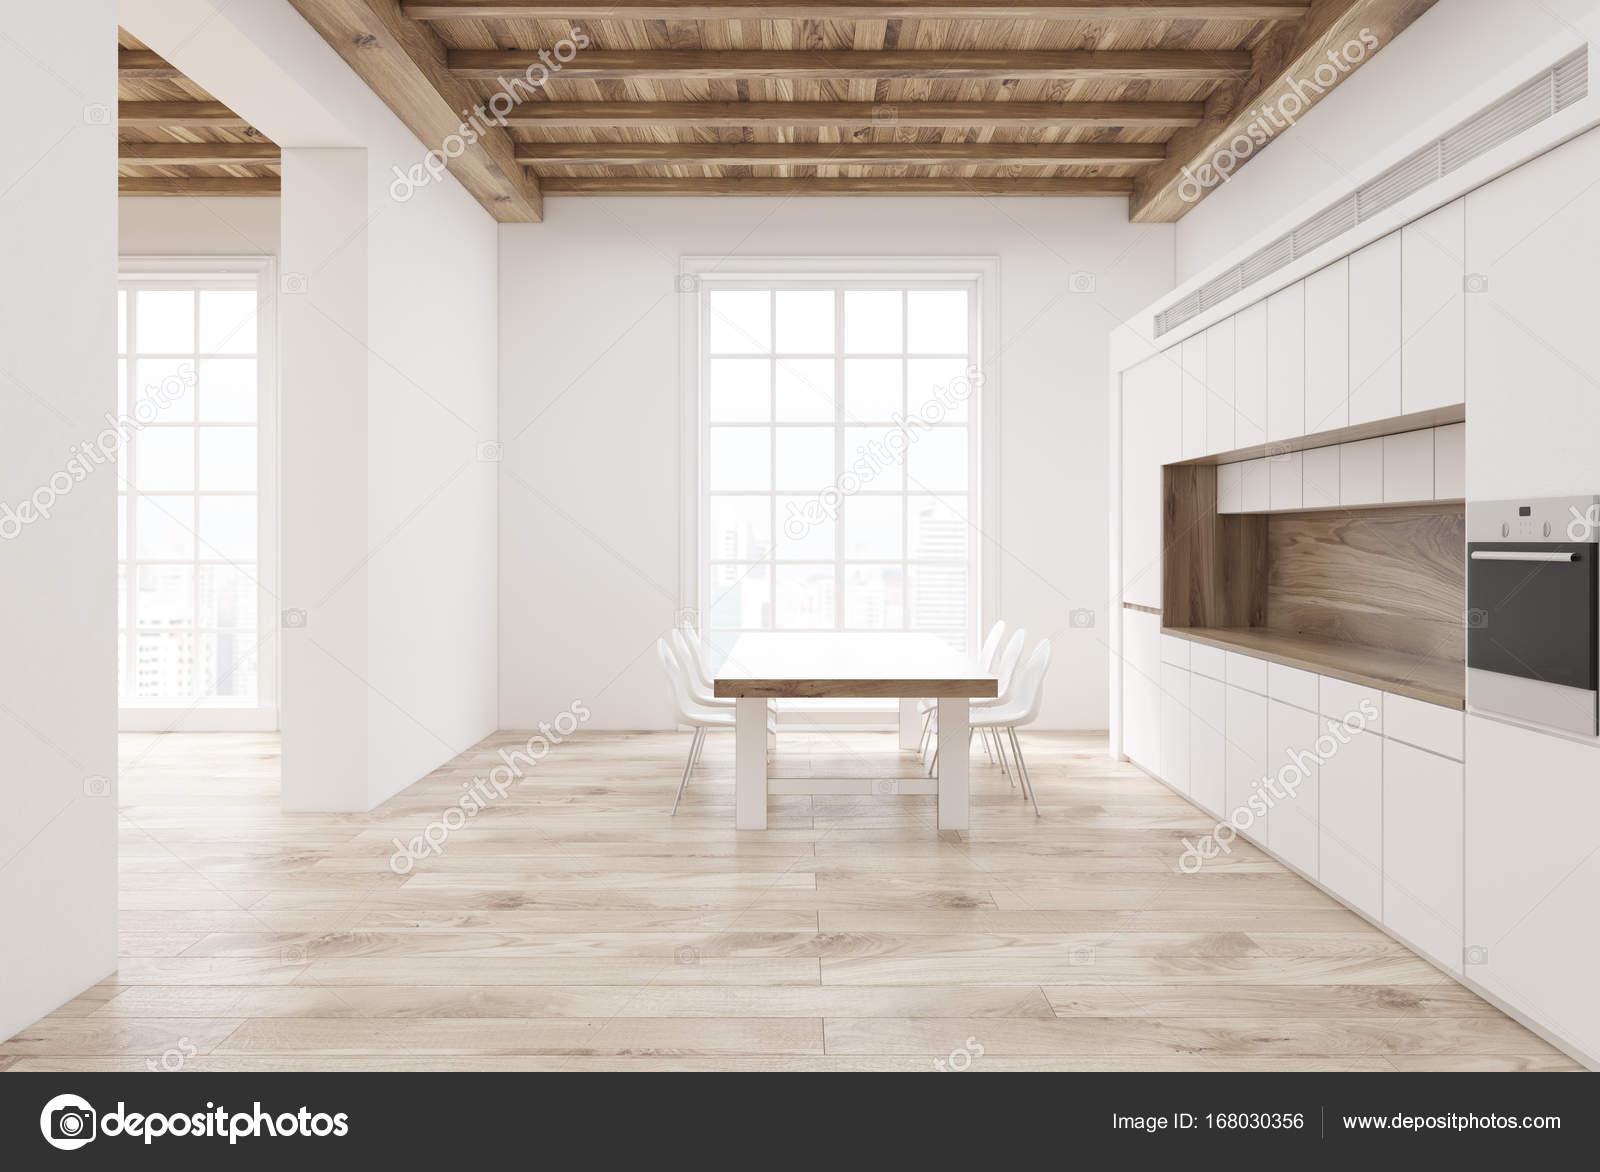 Soffitti In Legno Bianchi : Controsoffitto in legno bianco fantastiche immagini su berso